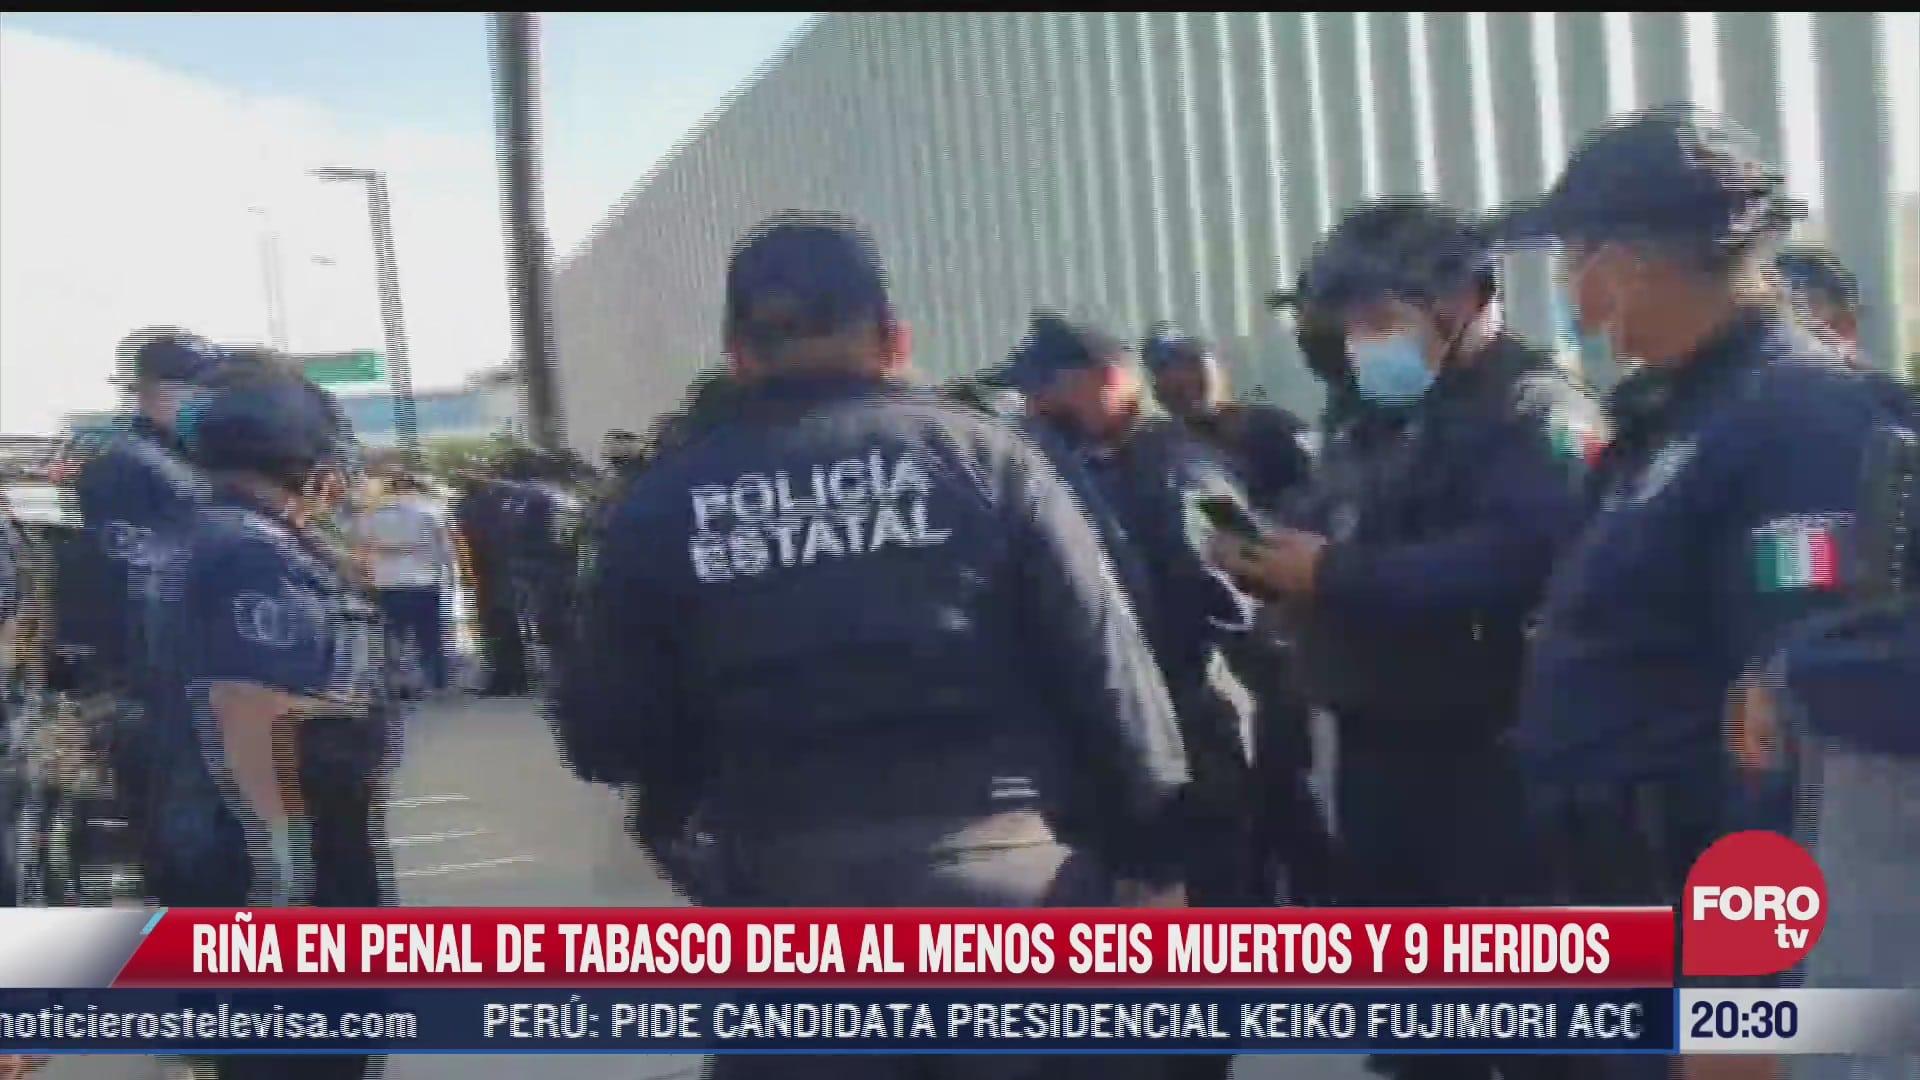 rina en penal de tabasco deja al menos 6 muertos